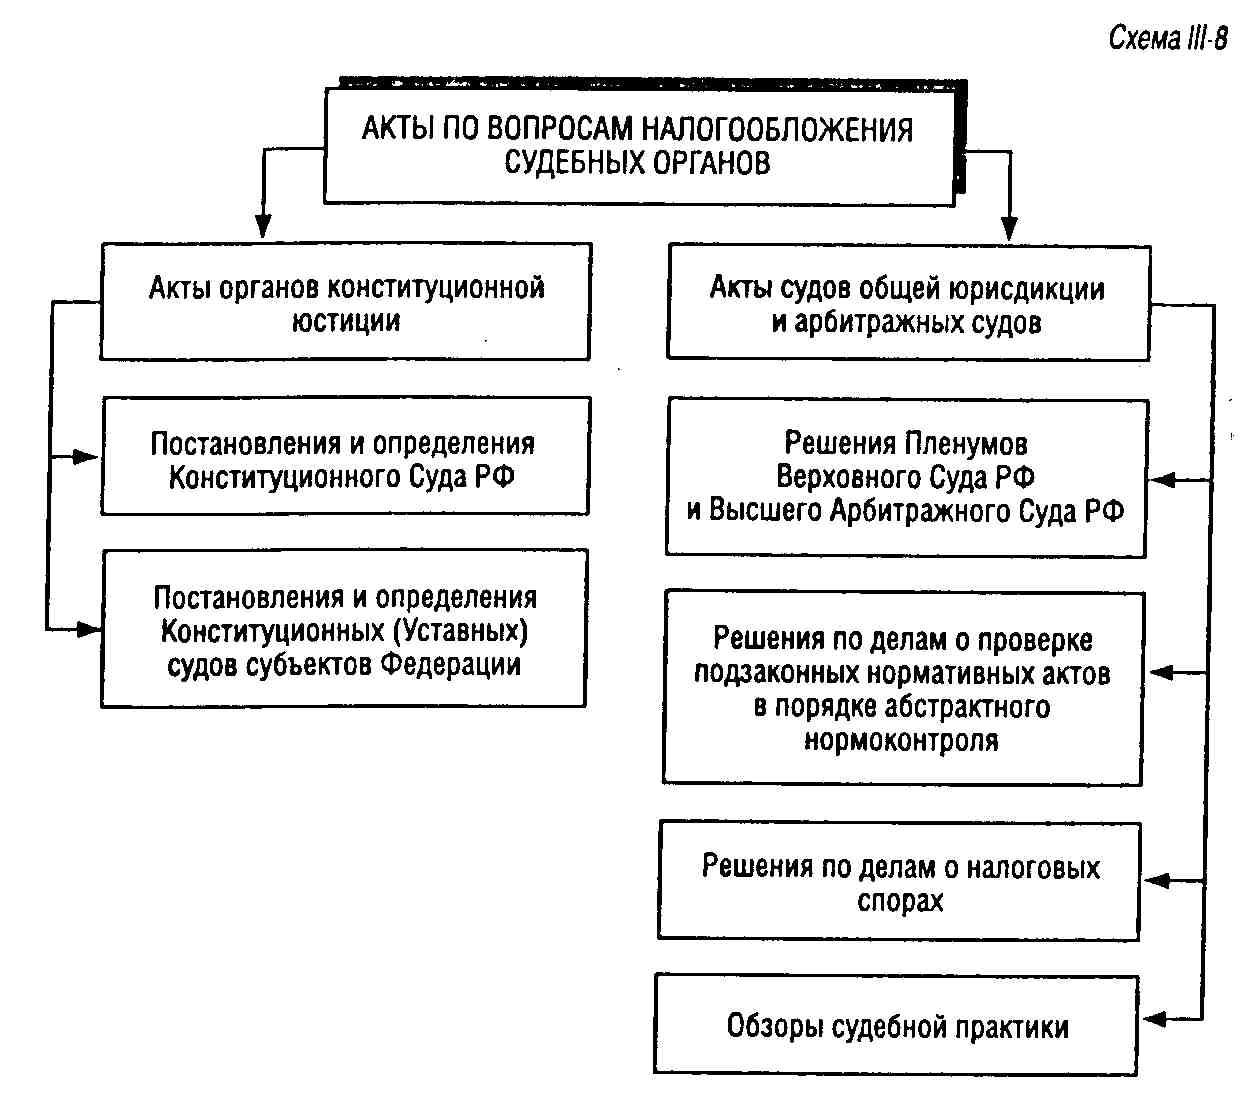 Международные договоры по вопросам налогообложения